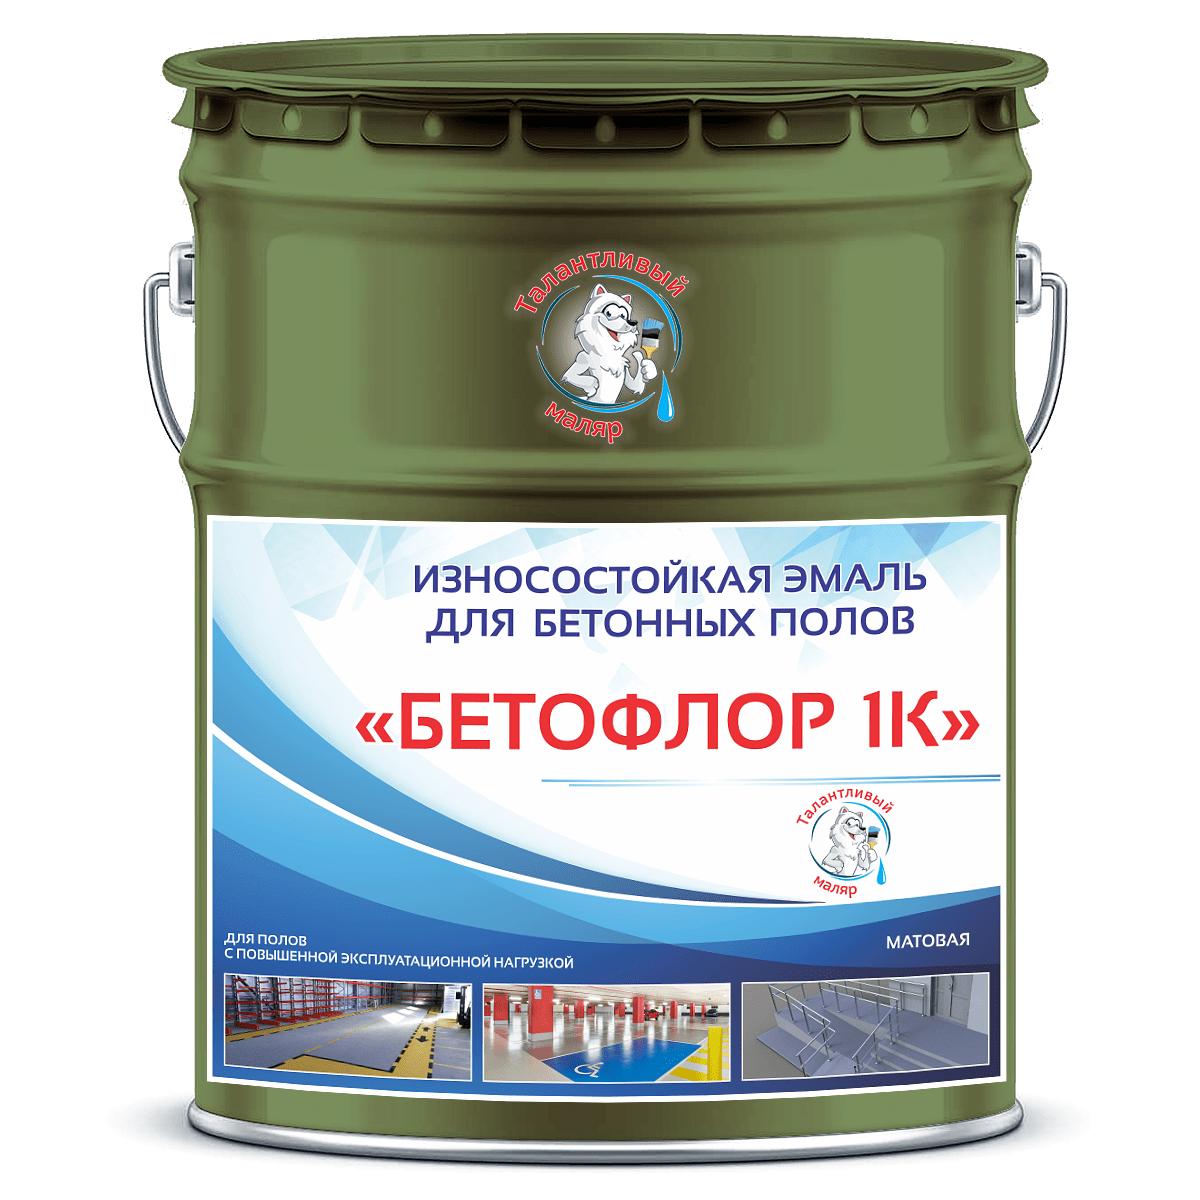 """Фото 21 - BF6020 Эмаль для бетонных полов """"Бетофлор"""" 1К цвет RAL 6020 Зеленый хром, матовая износостойкая, 25 кг """"Талантливый Маляр""""."""